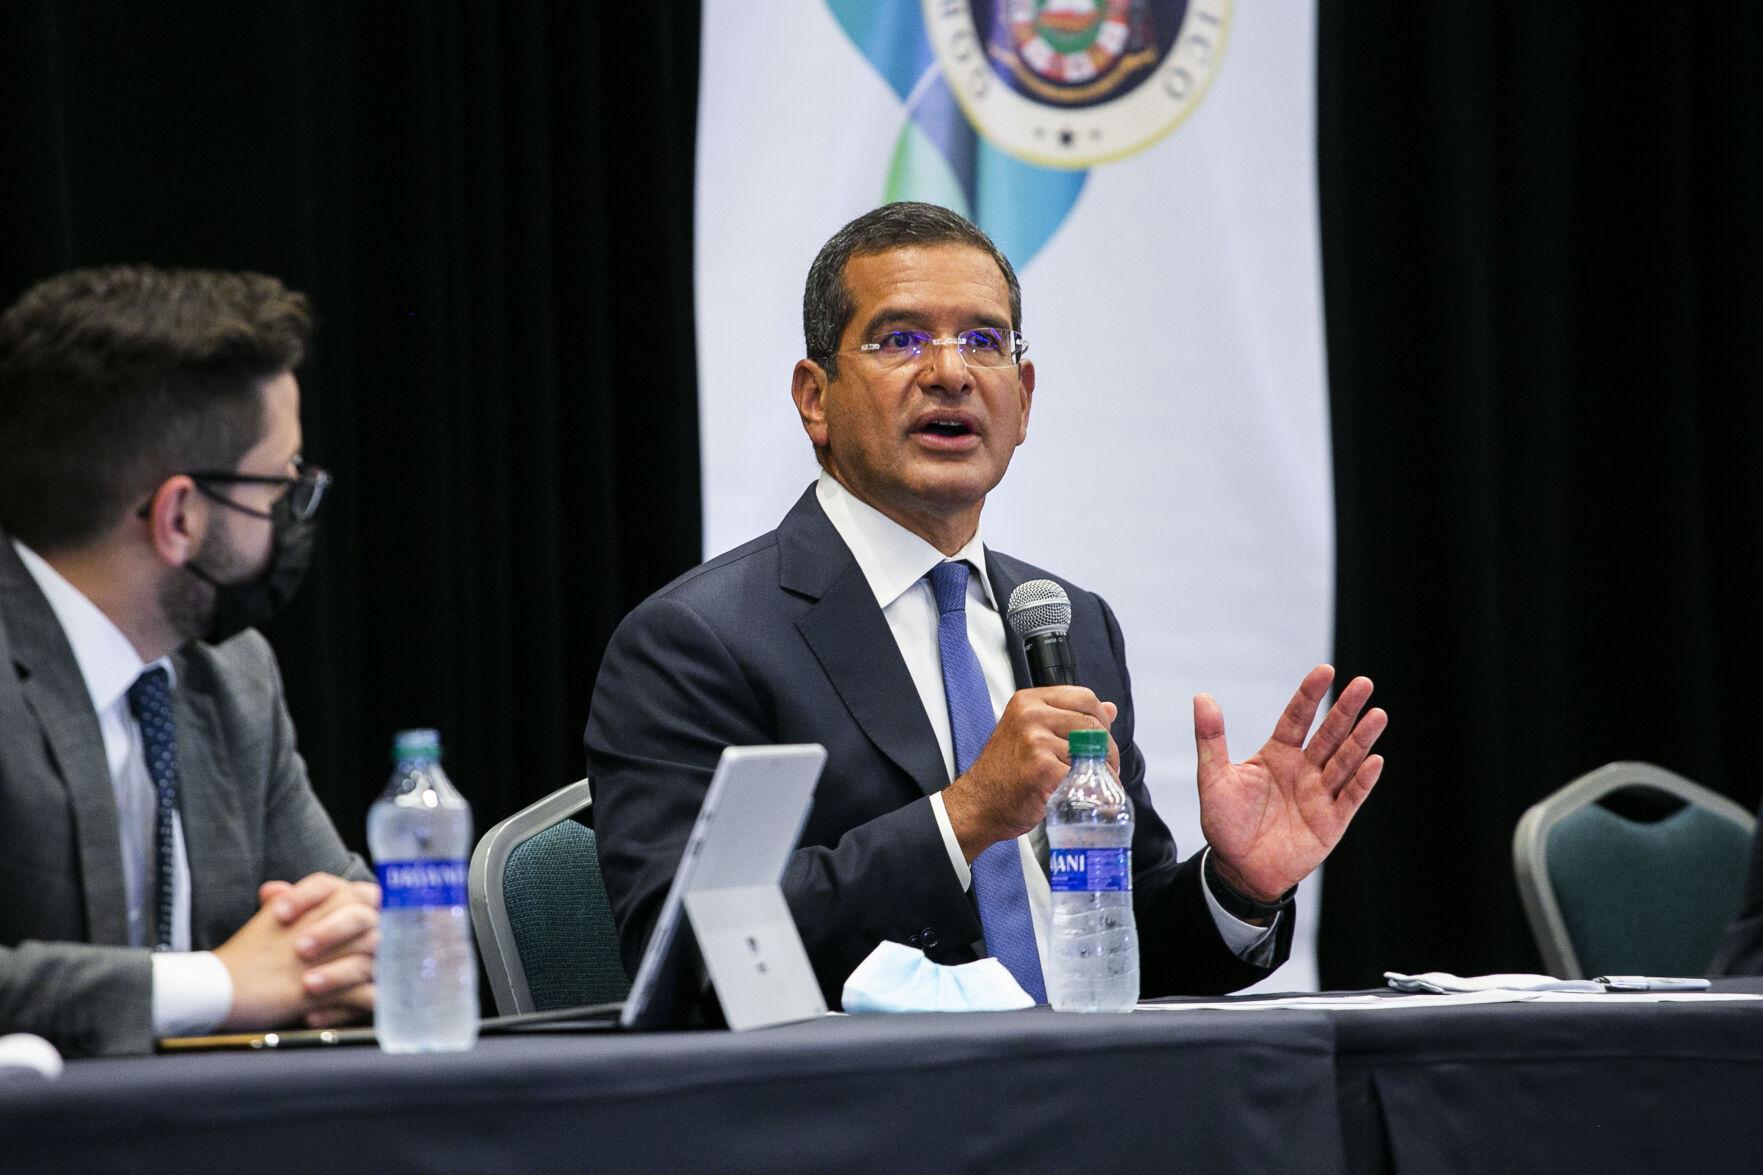 Componente Economico , Plan Fiscal, gobernador, Pedro Pierluisi, Juan Carlos Blanco, Omar Marrero, Francisco Pares